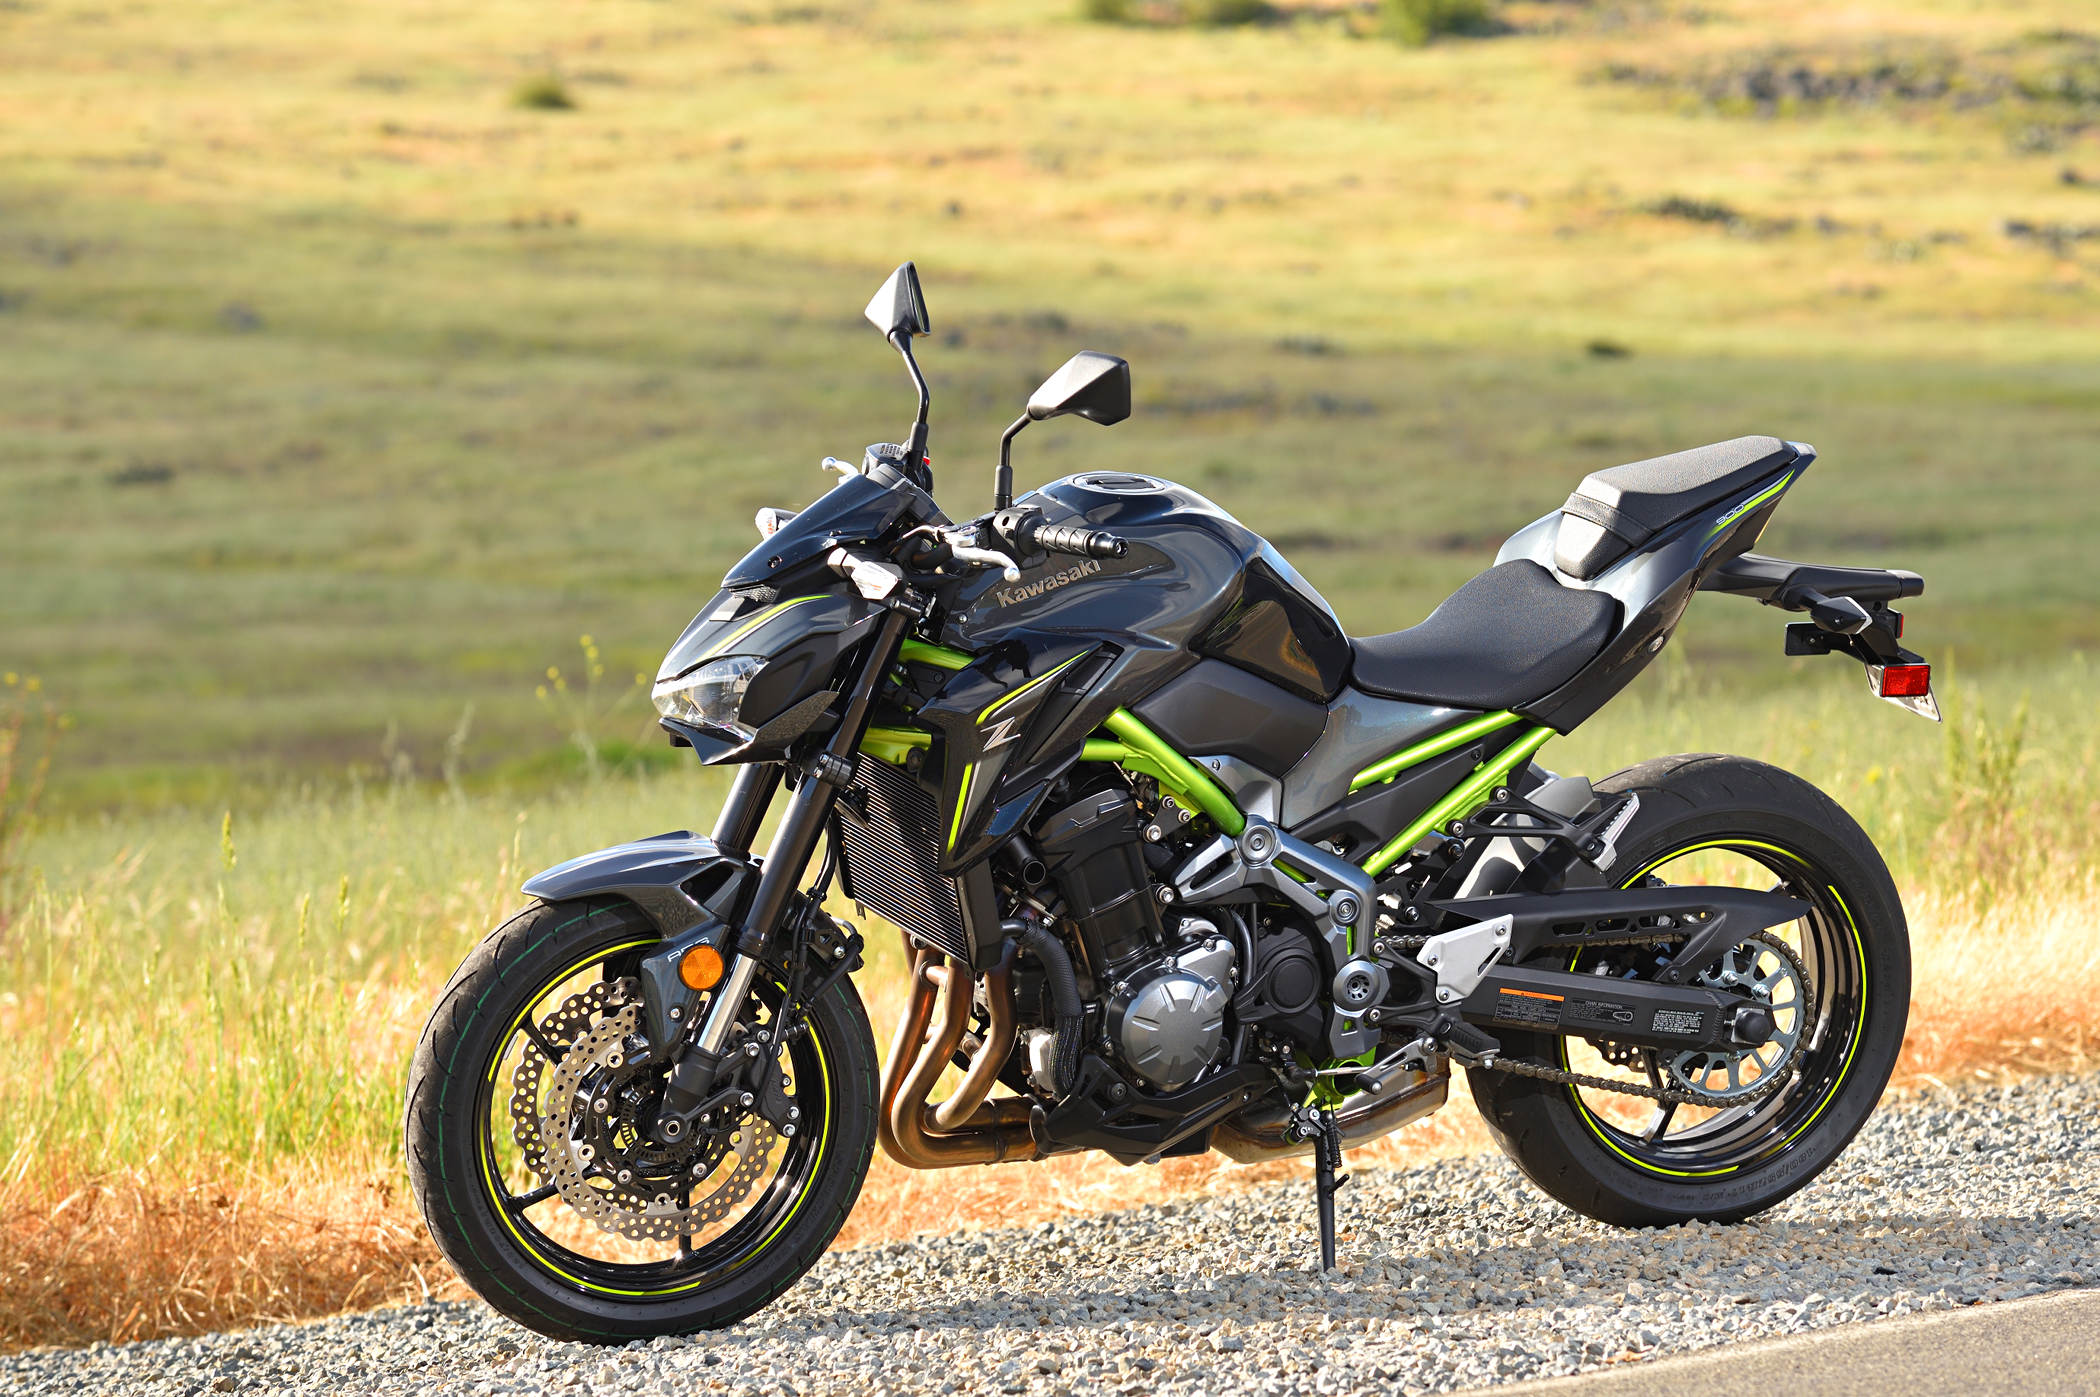 2017 Kawasaki Z900 Abs Md Ride Review Motorcycledaily